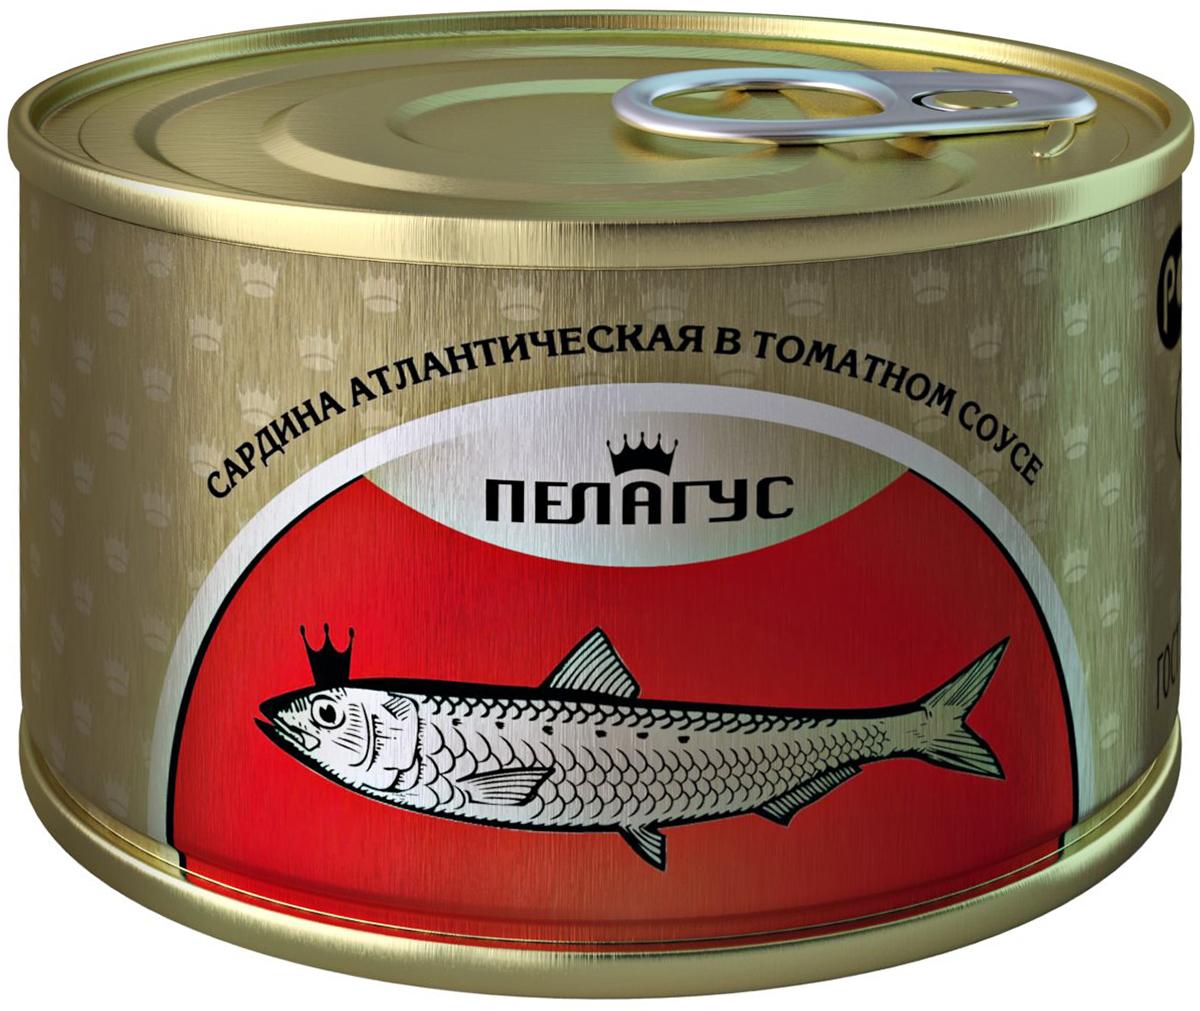 Пелагус сардина атлантическая в томатном соусе, 230 г4627098460057